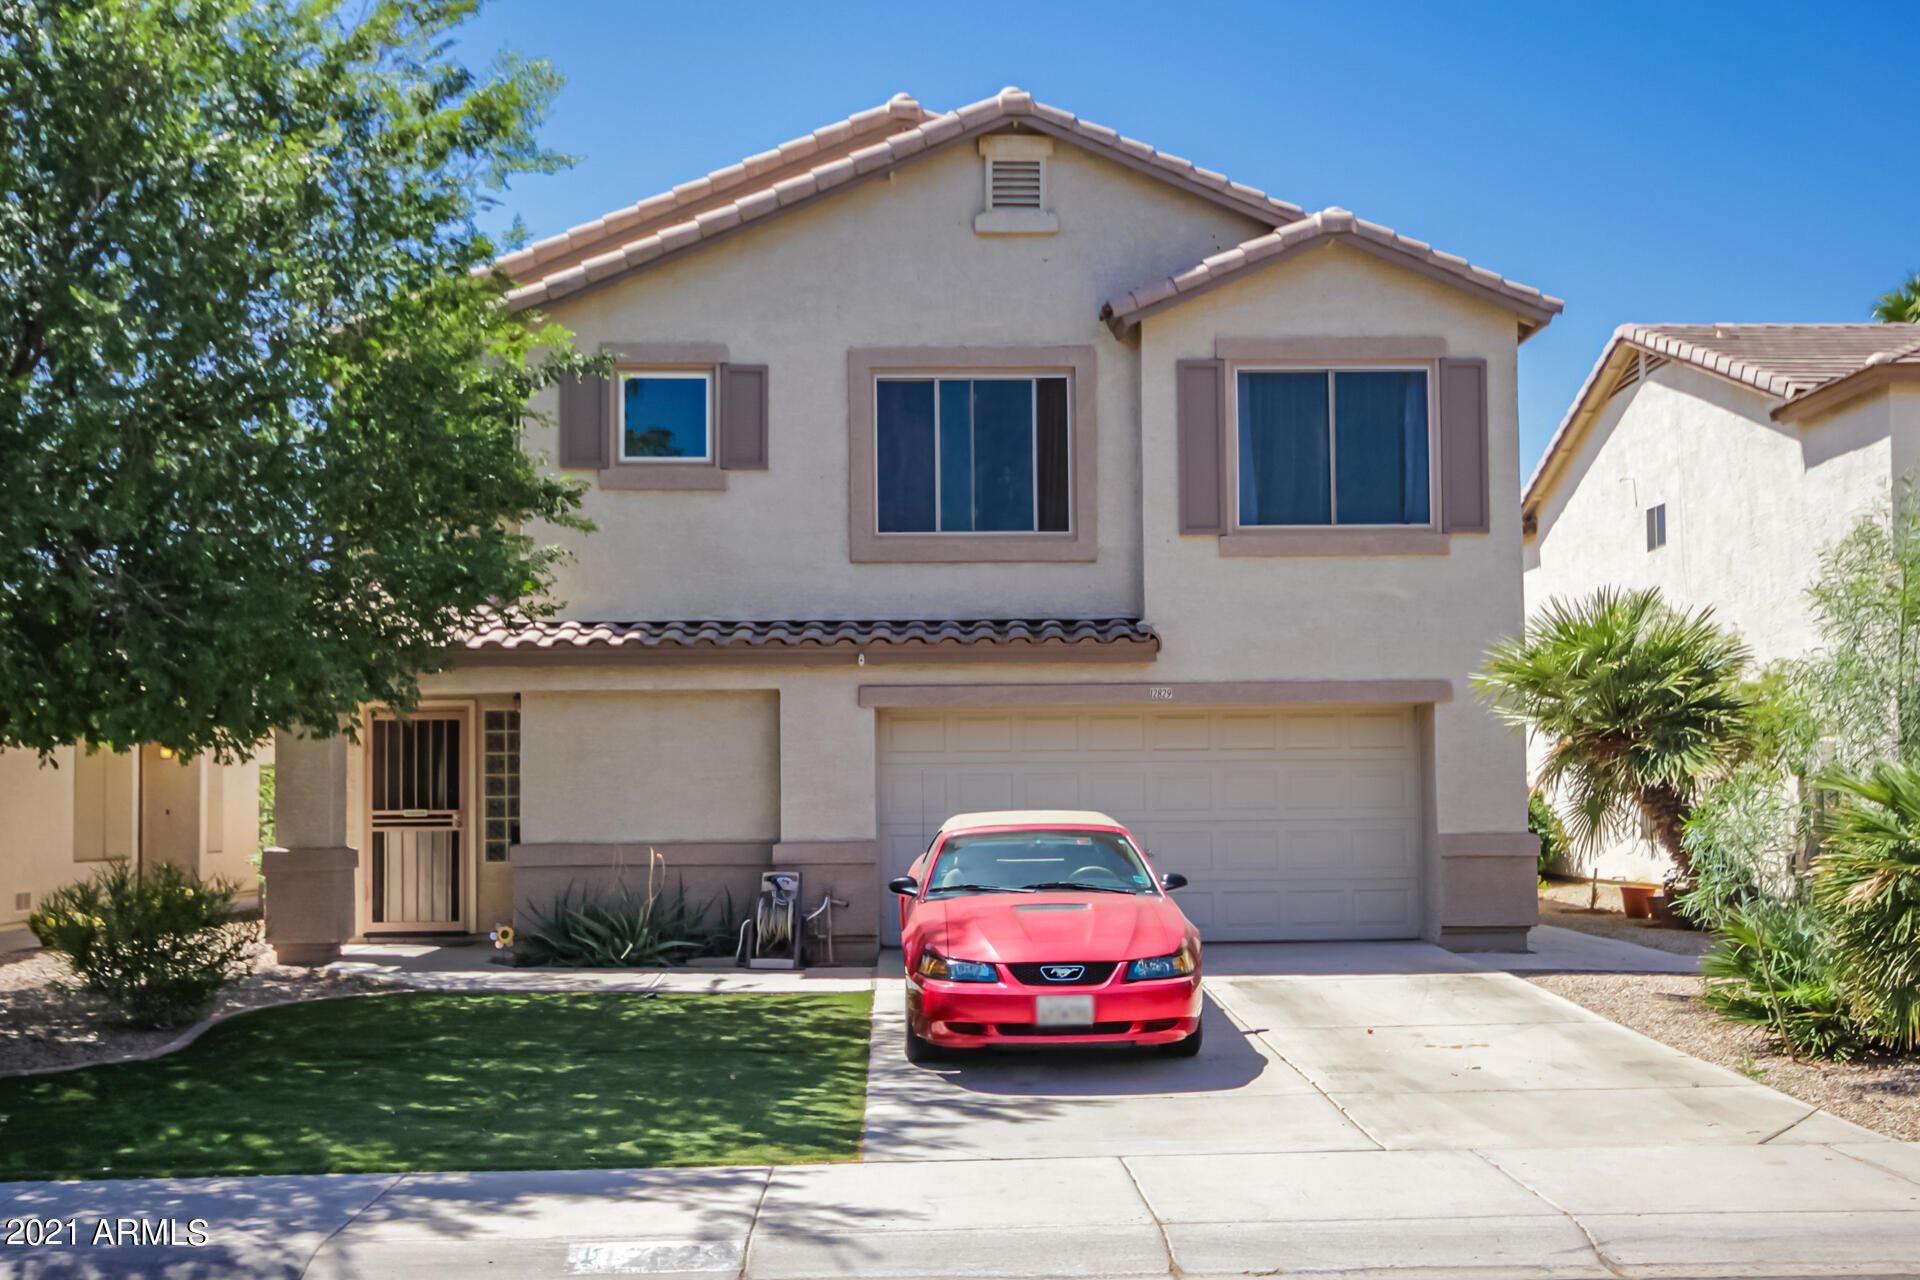 12829 W LA REATA Avenue, Avondale, AZ 85392 - MLS#: 6235673